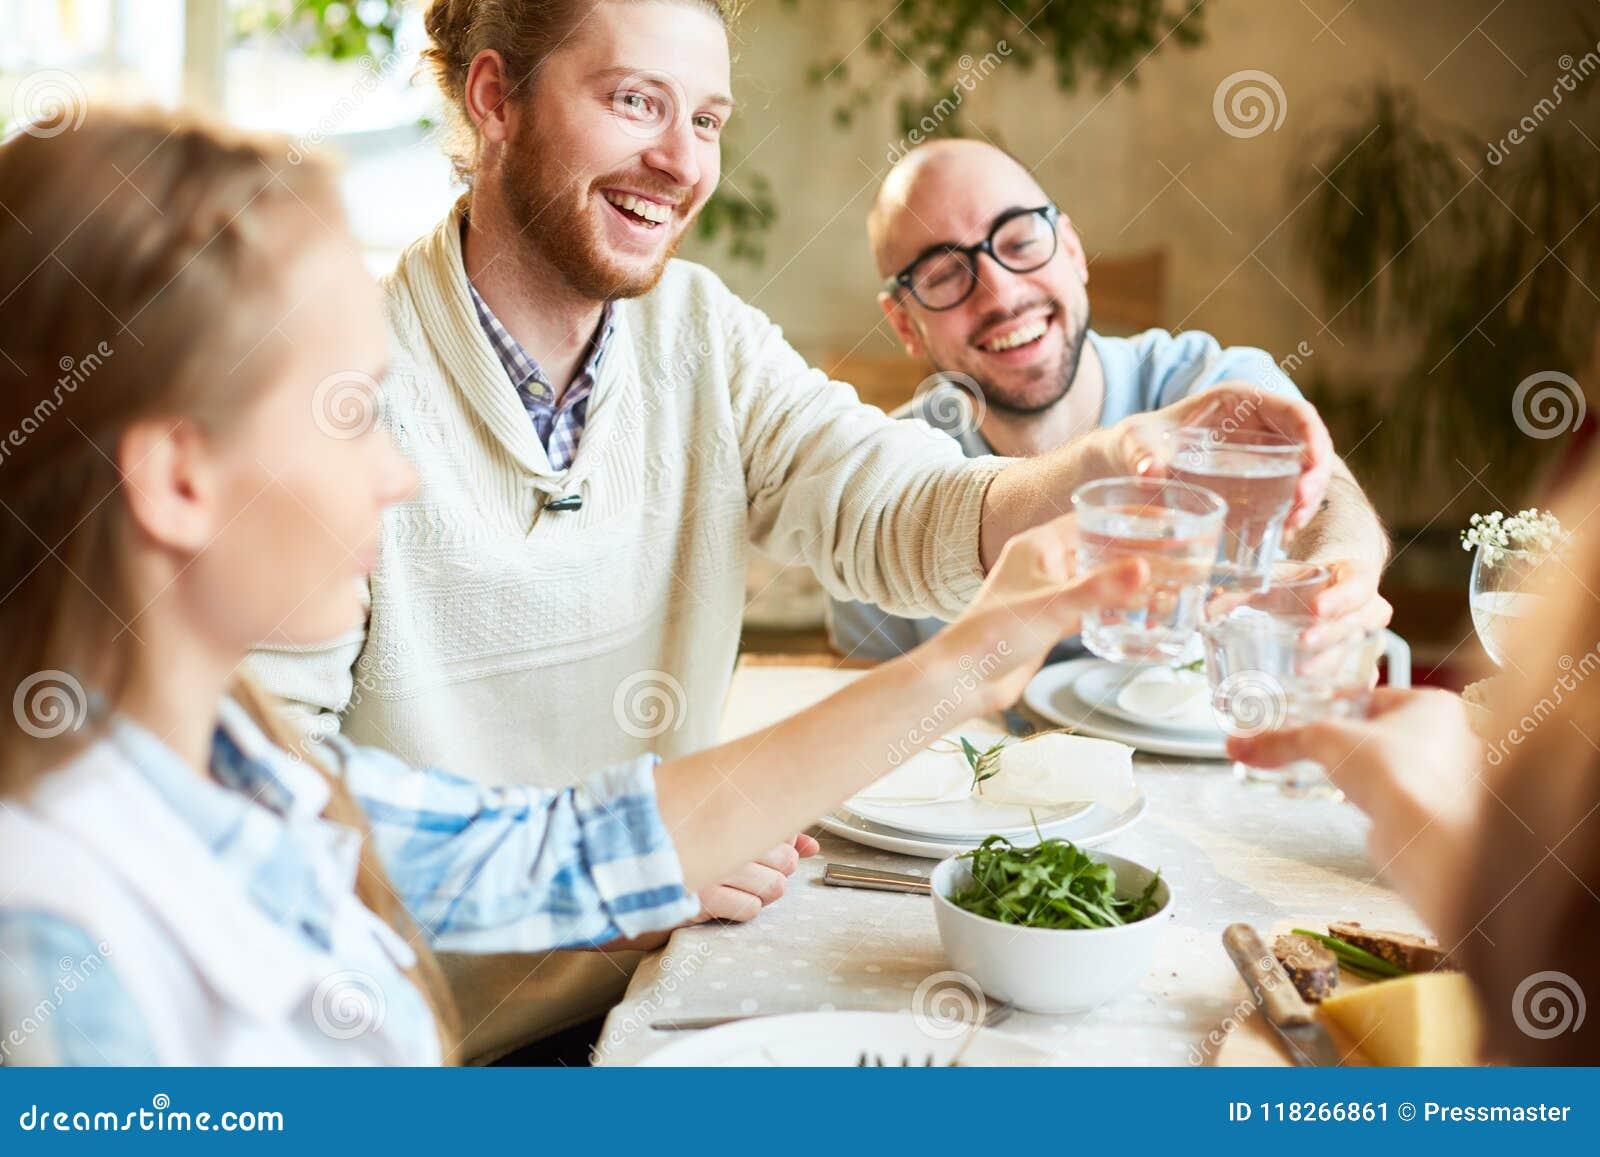 Grupy ludzi odświętności wydarzenie w restauraci